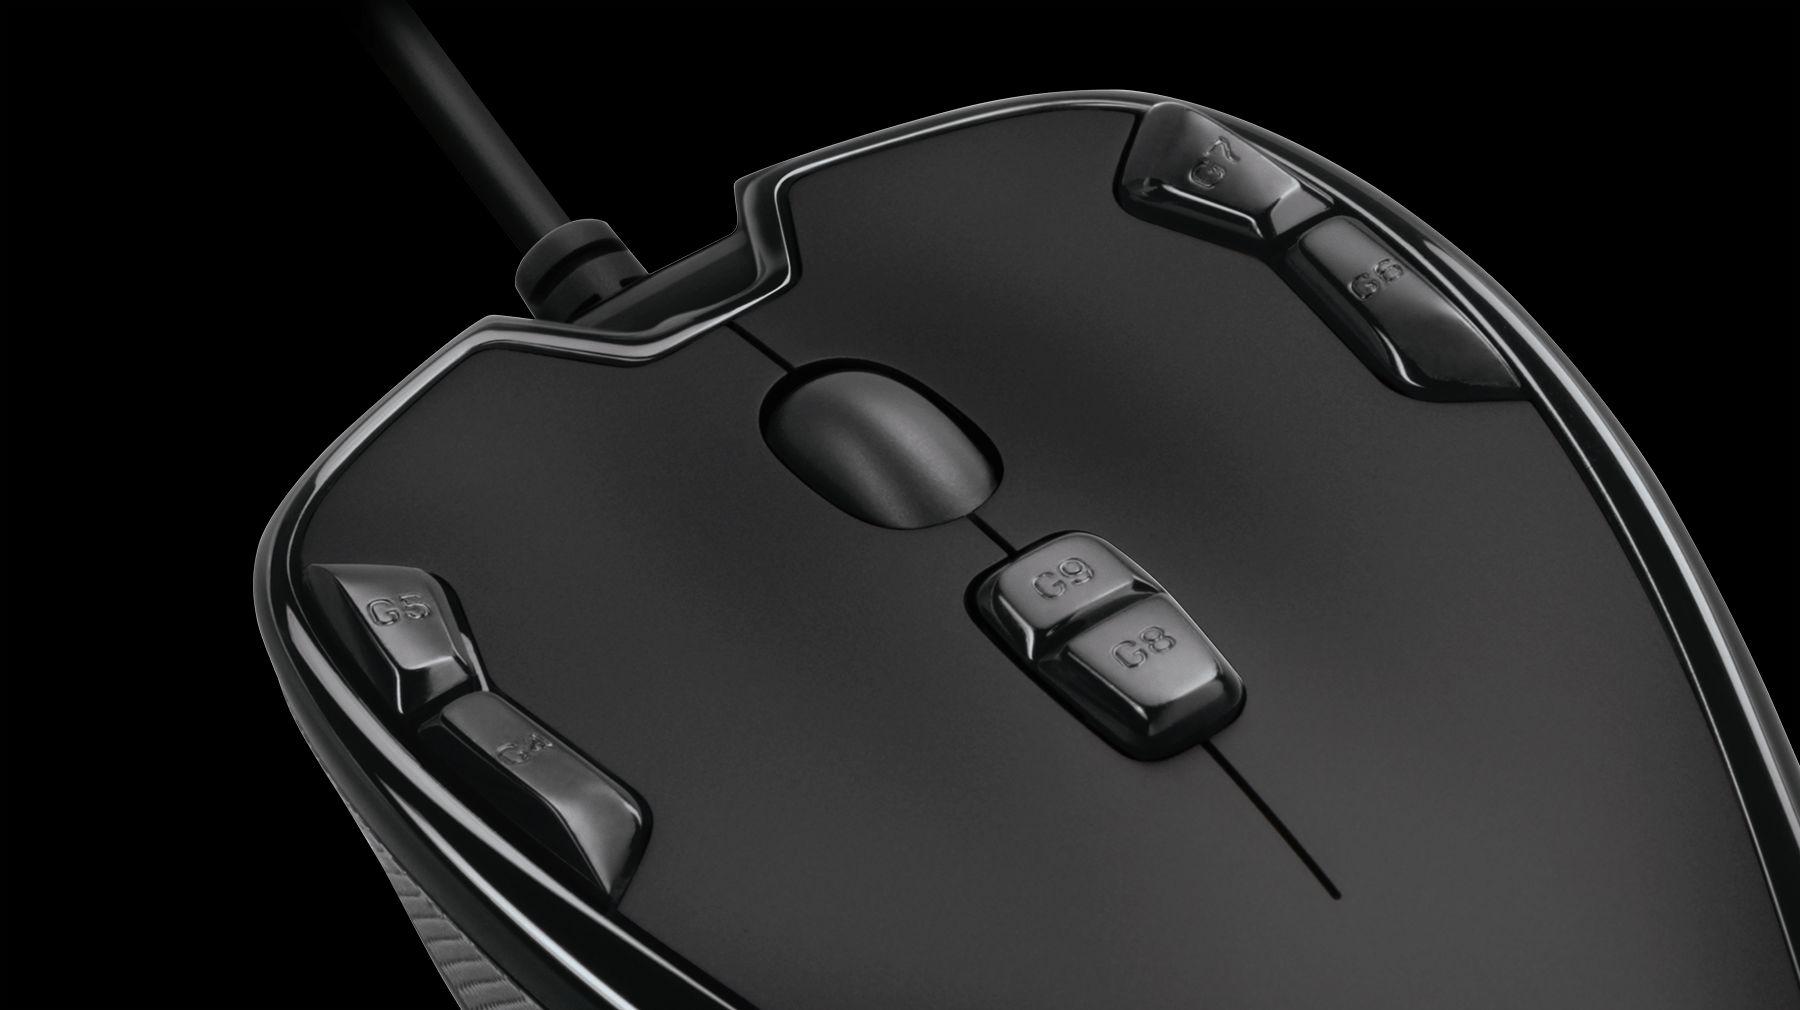 ماوس مخصوص بازی لاجیتک مدل G300s